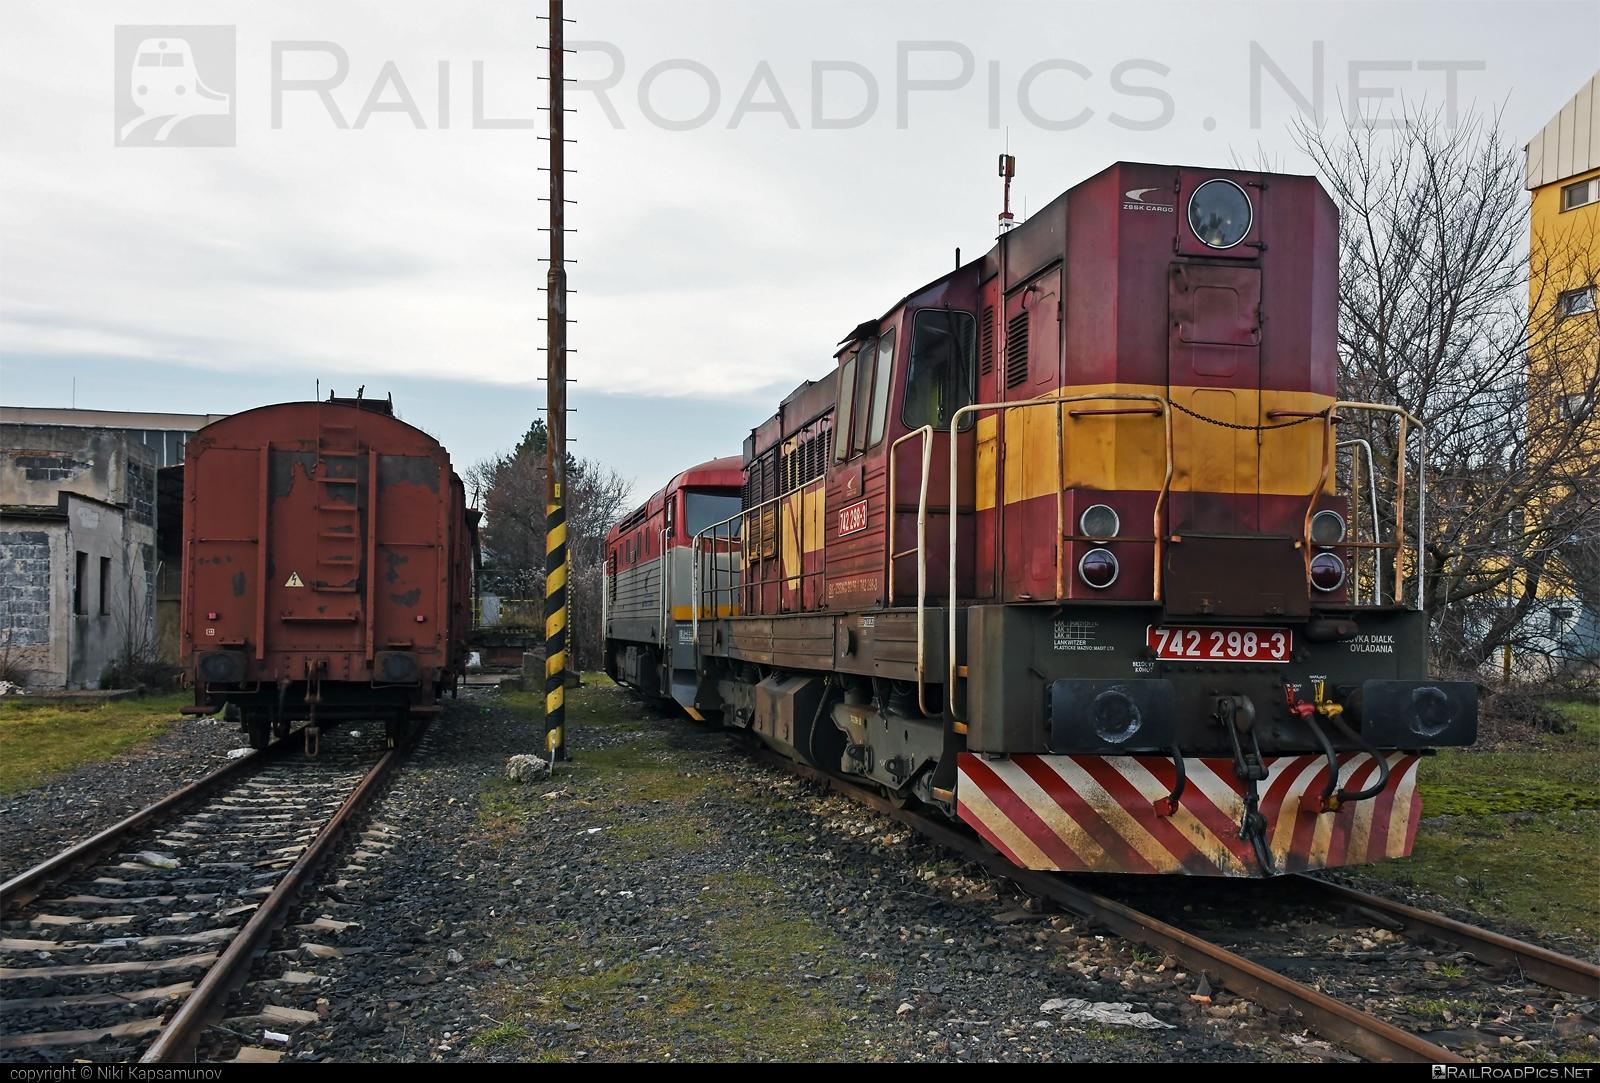 ČKD T 466.2 (742) - 742 298-3 operated by Železničná Spoločnost' Cargo Slovakia a.s. #ZeleznicnaSpolocnostCargoSlovakia #ckd #ckd4662 #ckd742 #ckdt4662 #zsskcargo